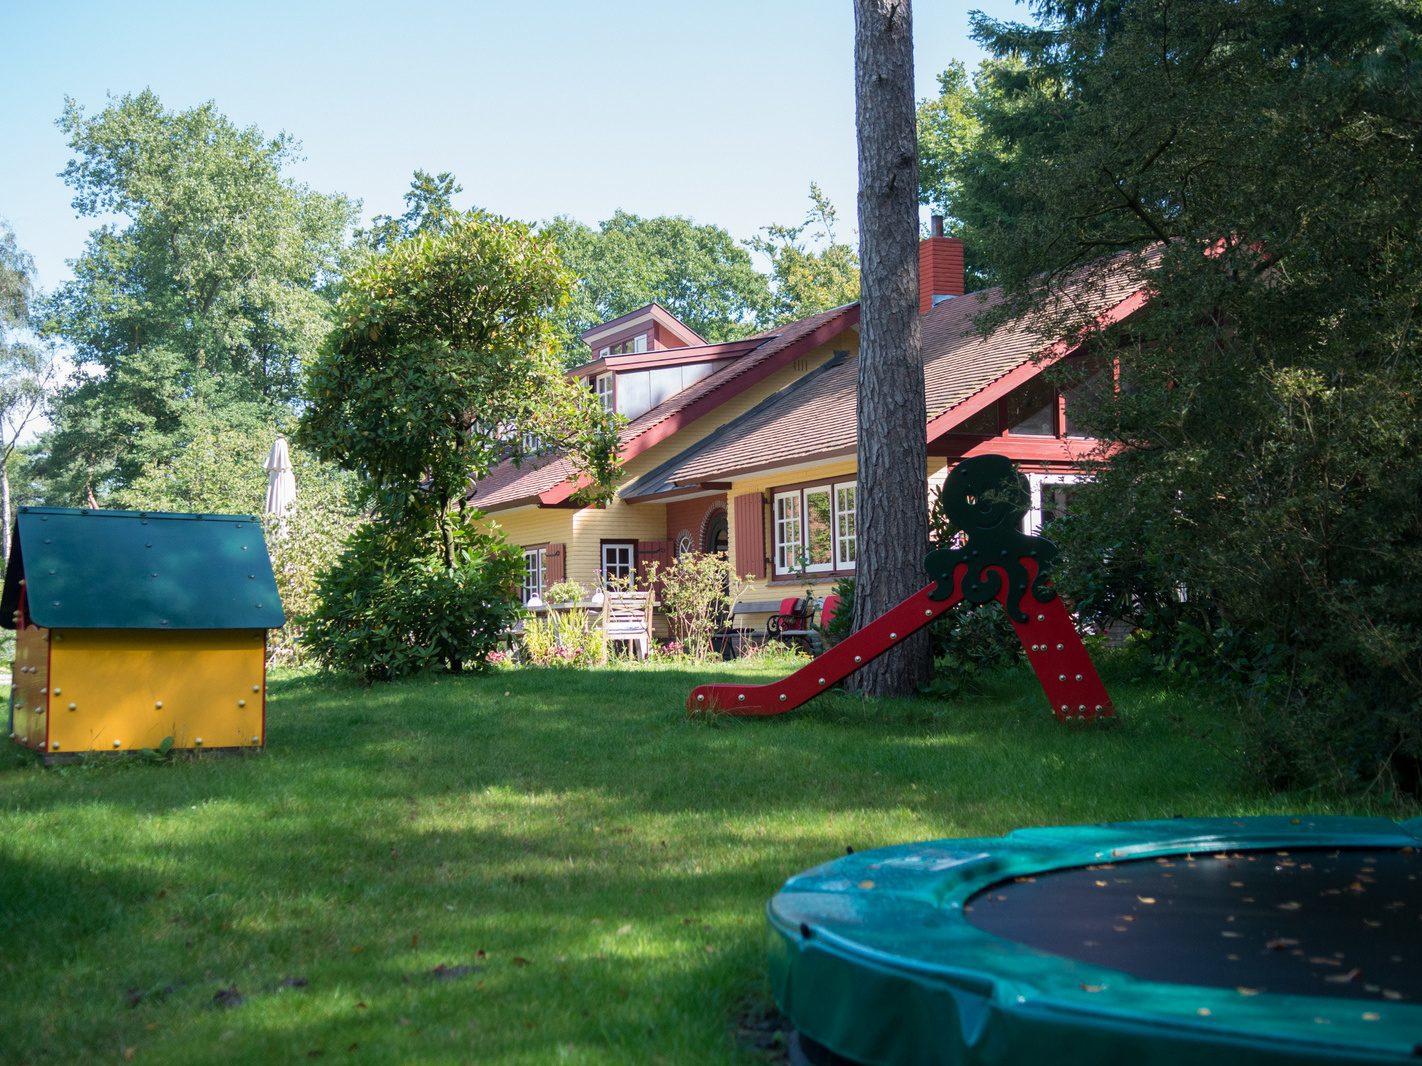 Buitenplaets de Heide een vakantiehuis voor families in Twente